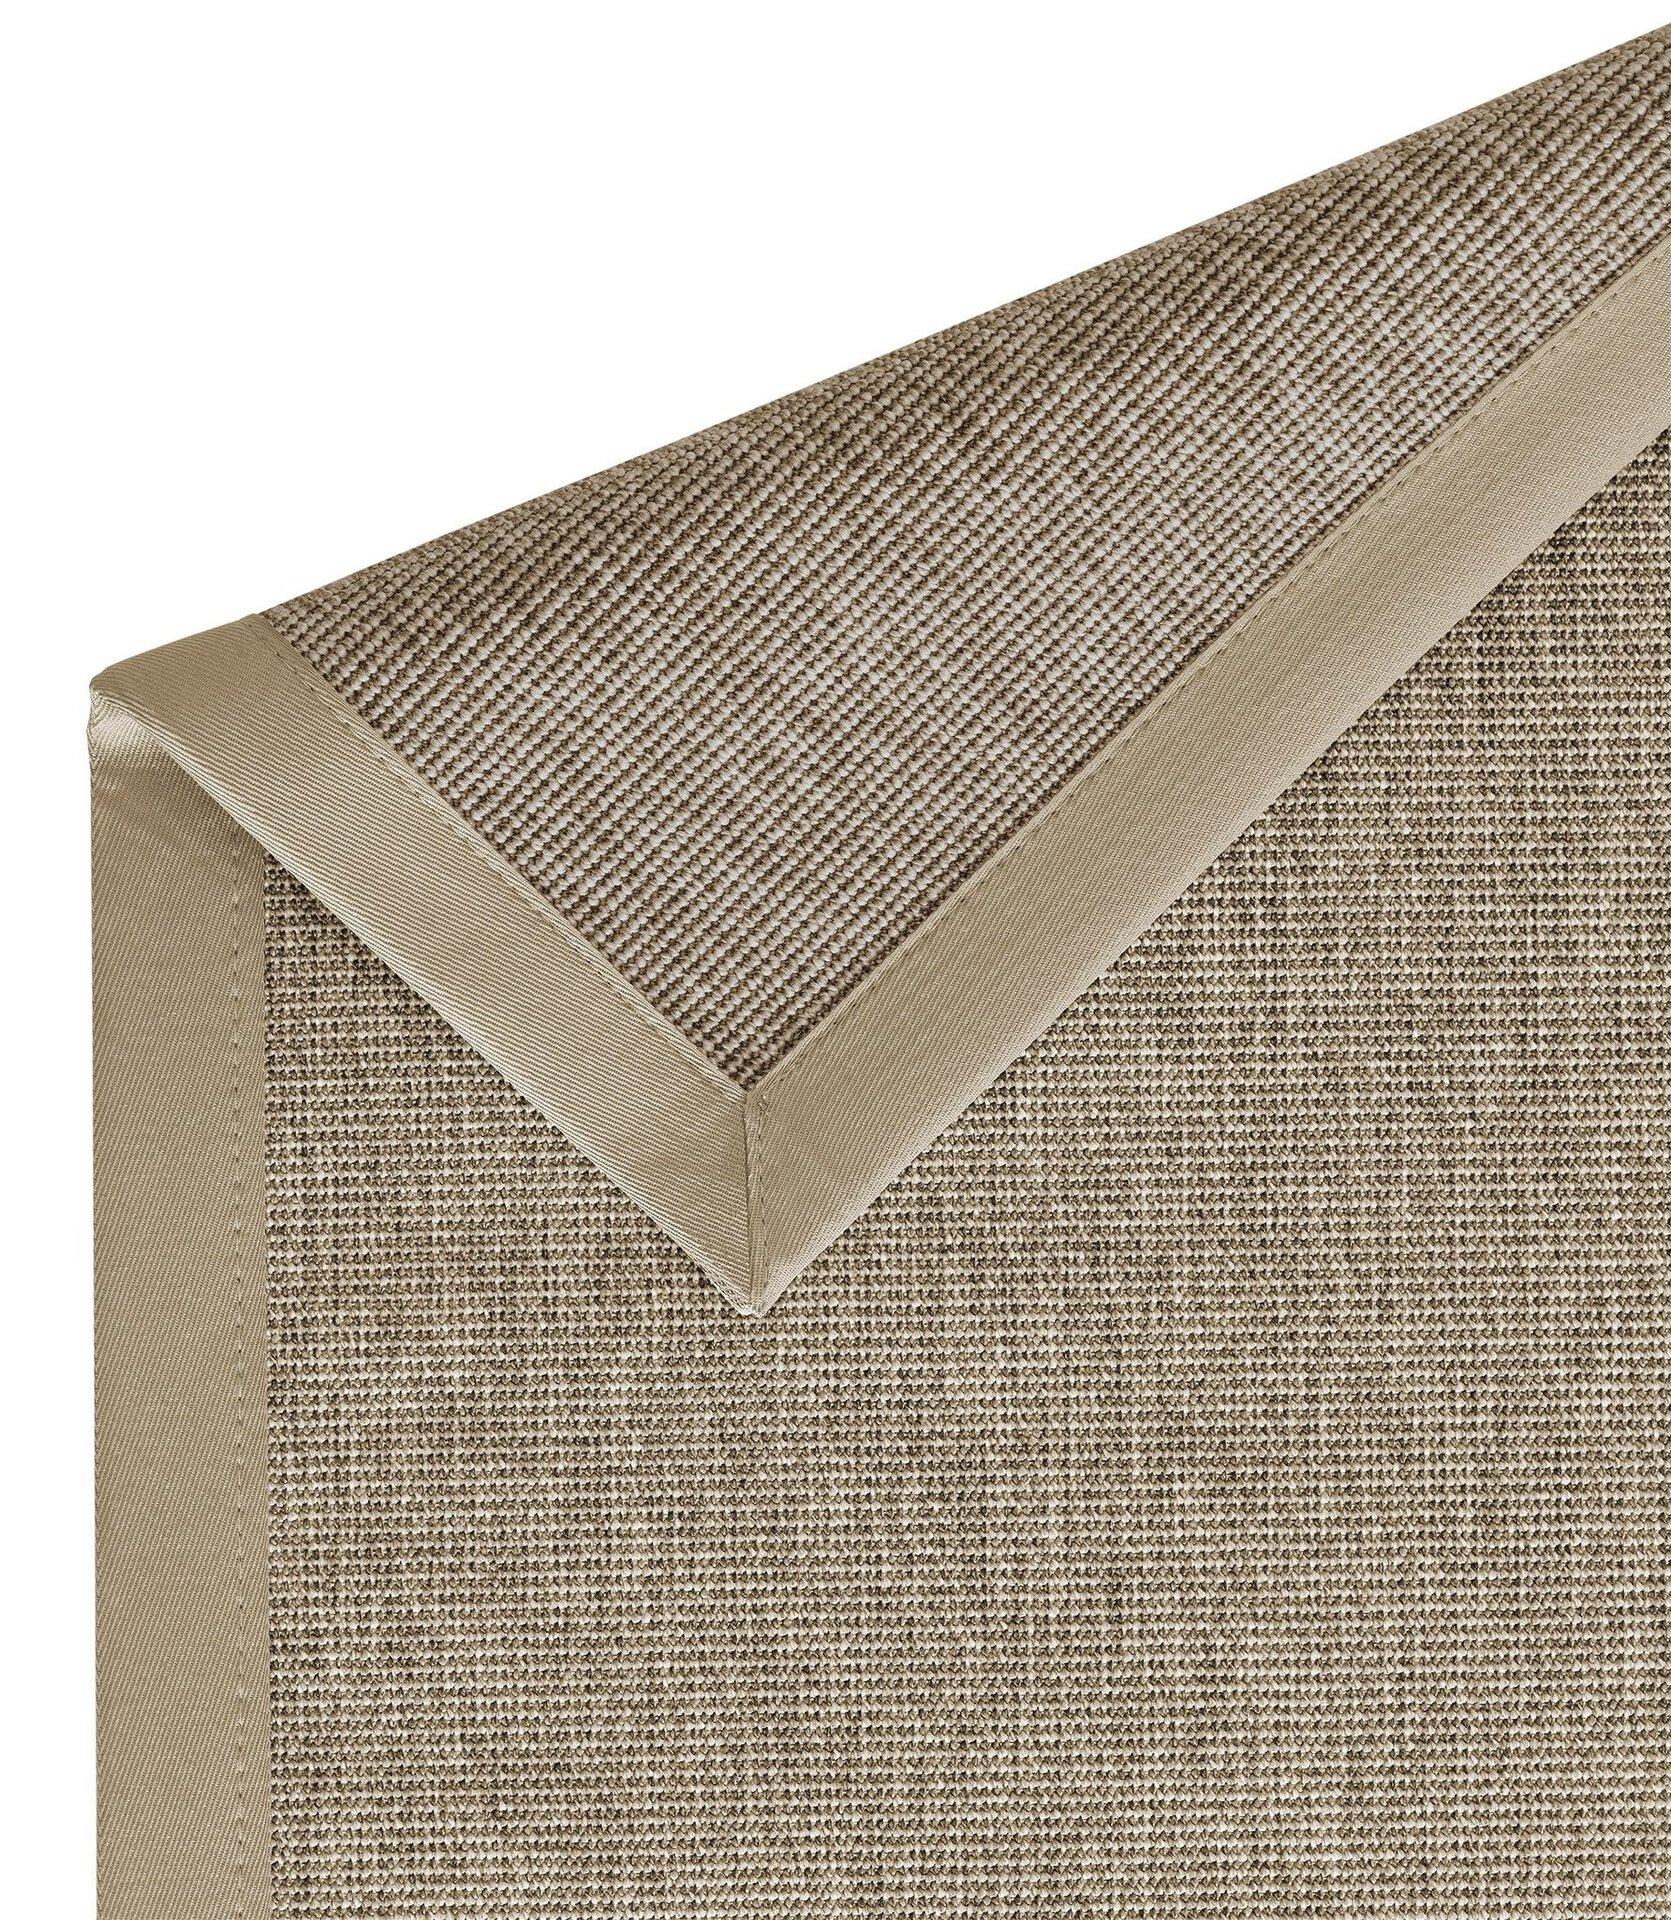 Outdoorteppich Naturino Rips DEKOWE Textil 200 x 290 cm